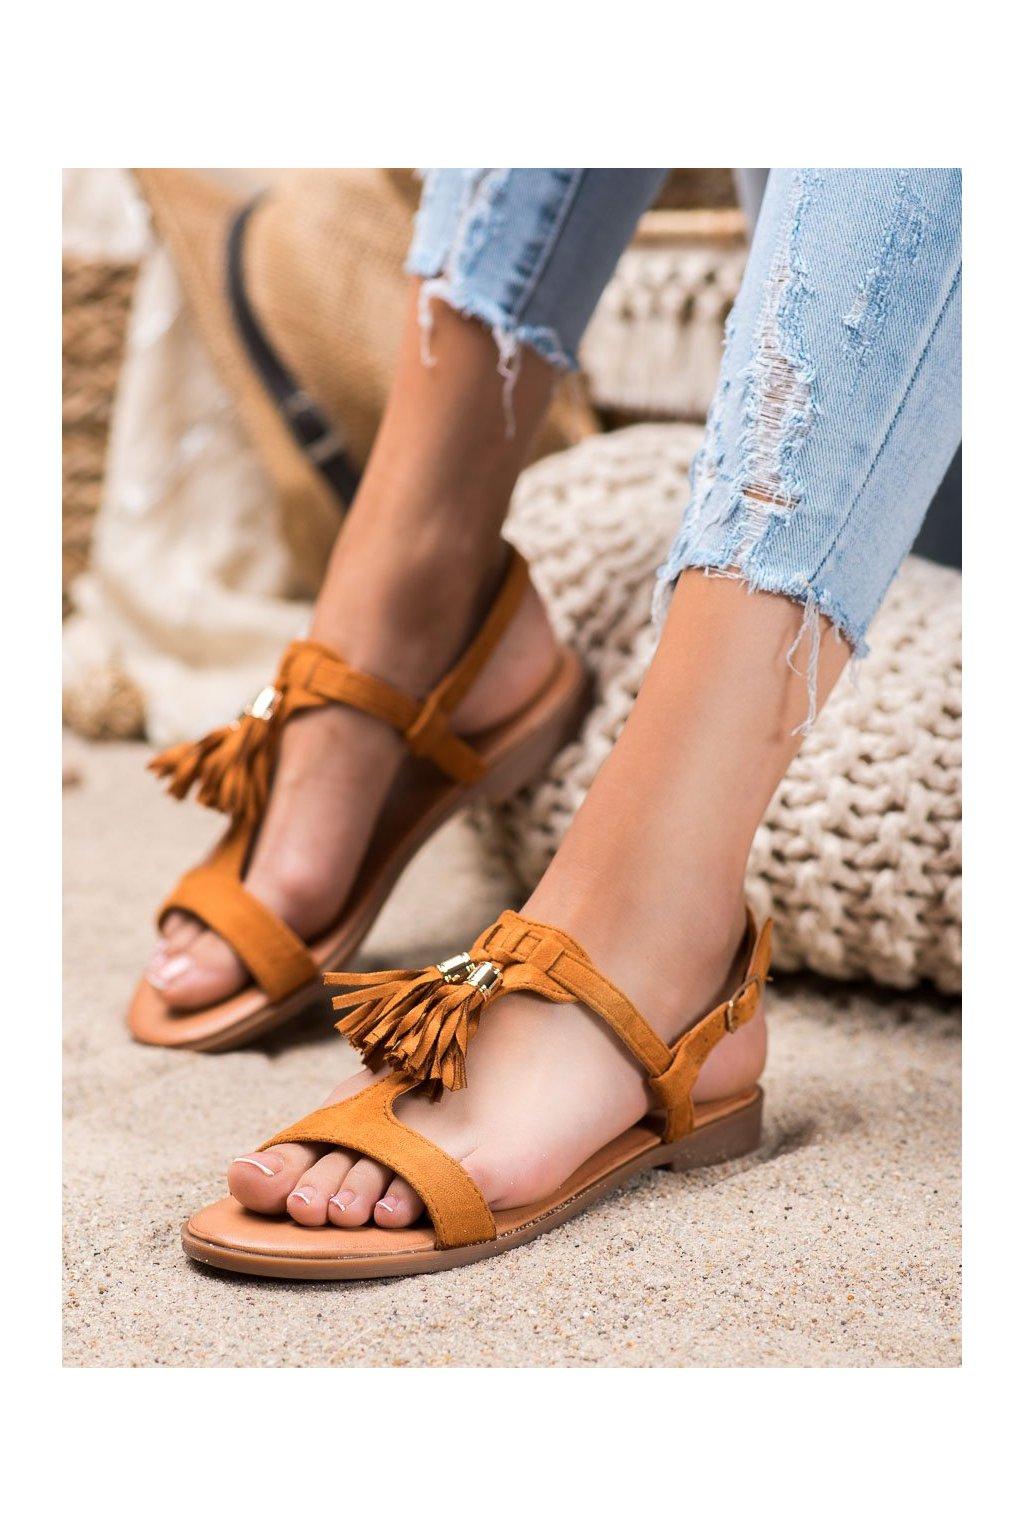 Hnedé sandále s plochou podrážkou Renda kod 222-30C